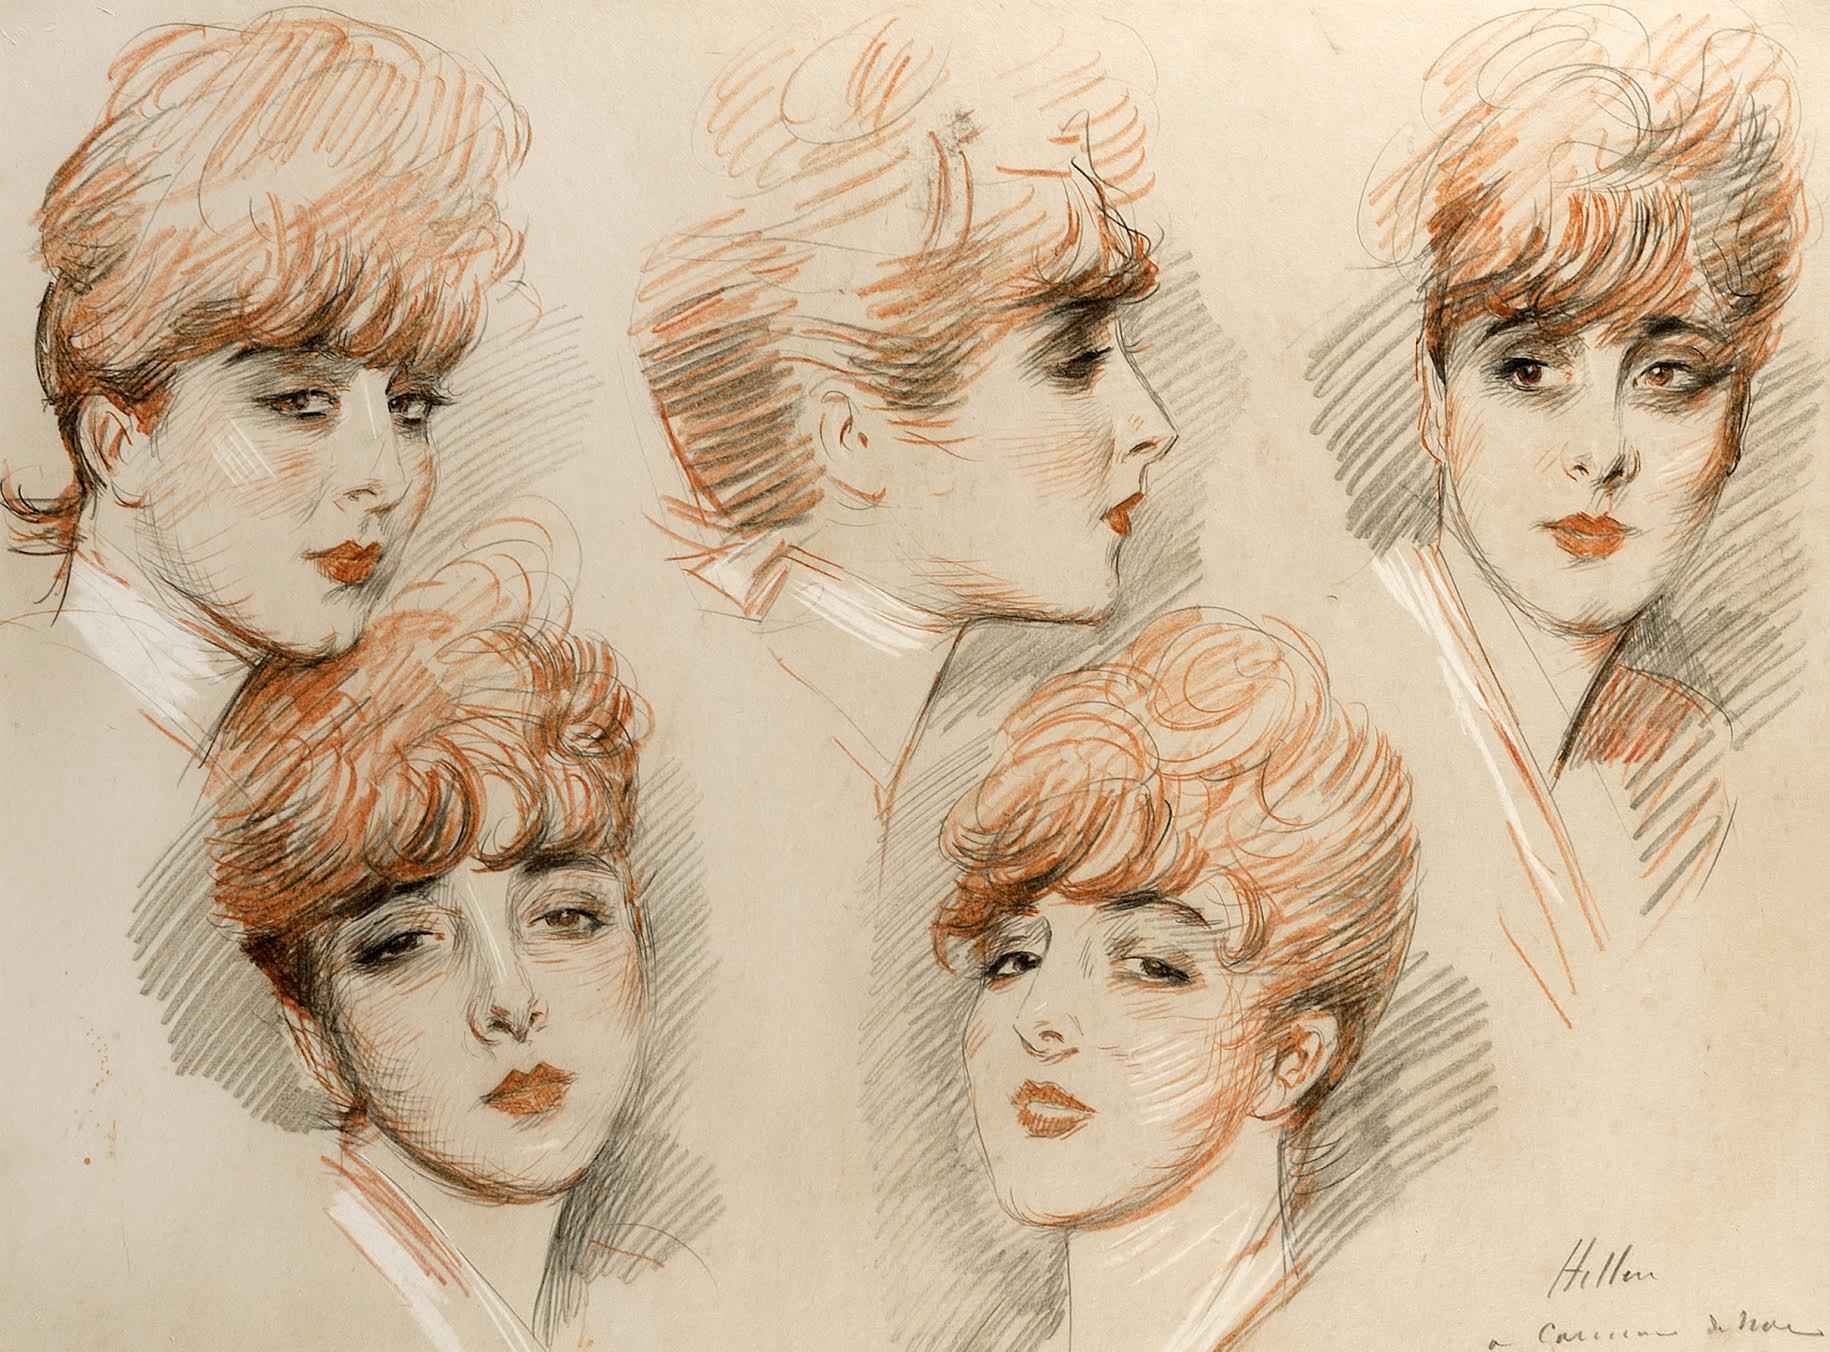 Paul Cesar Helleu  Suzanne 5 studies